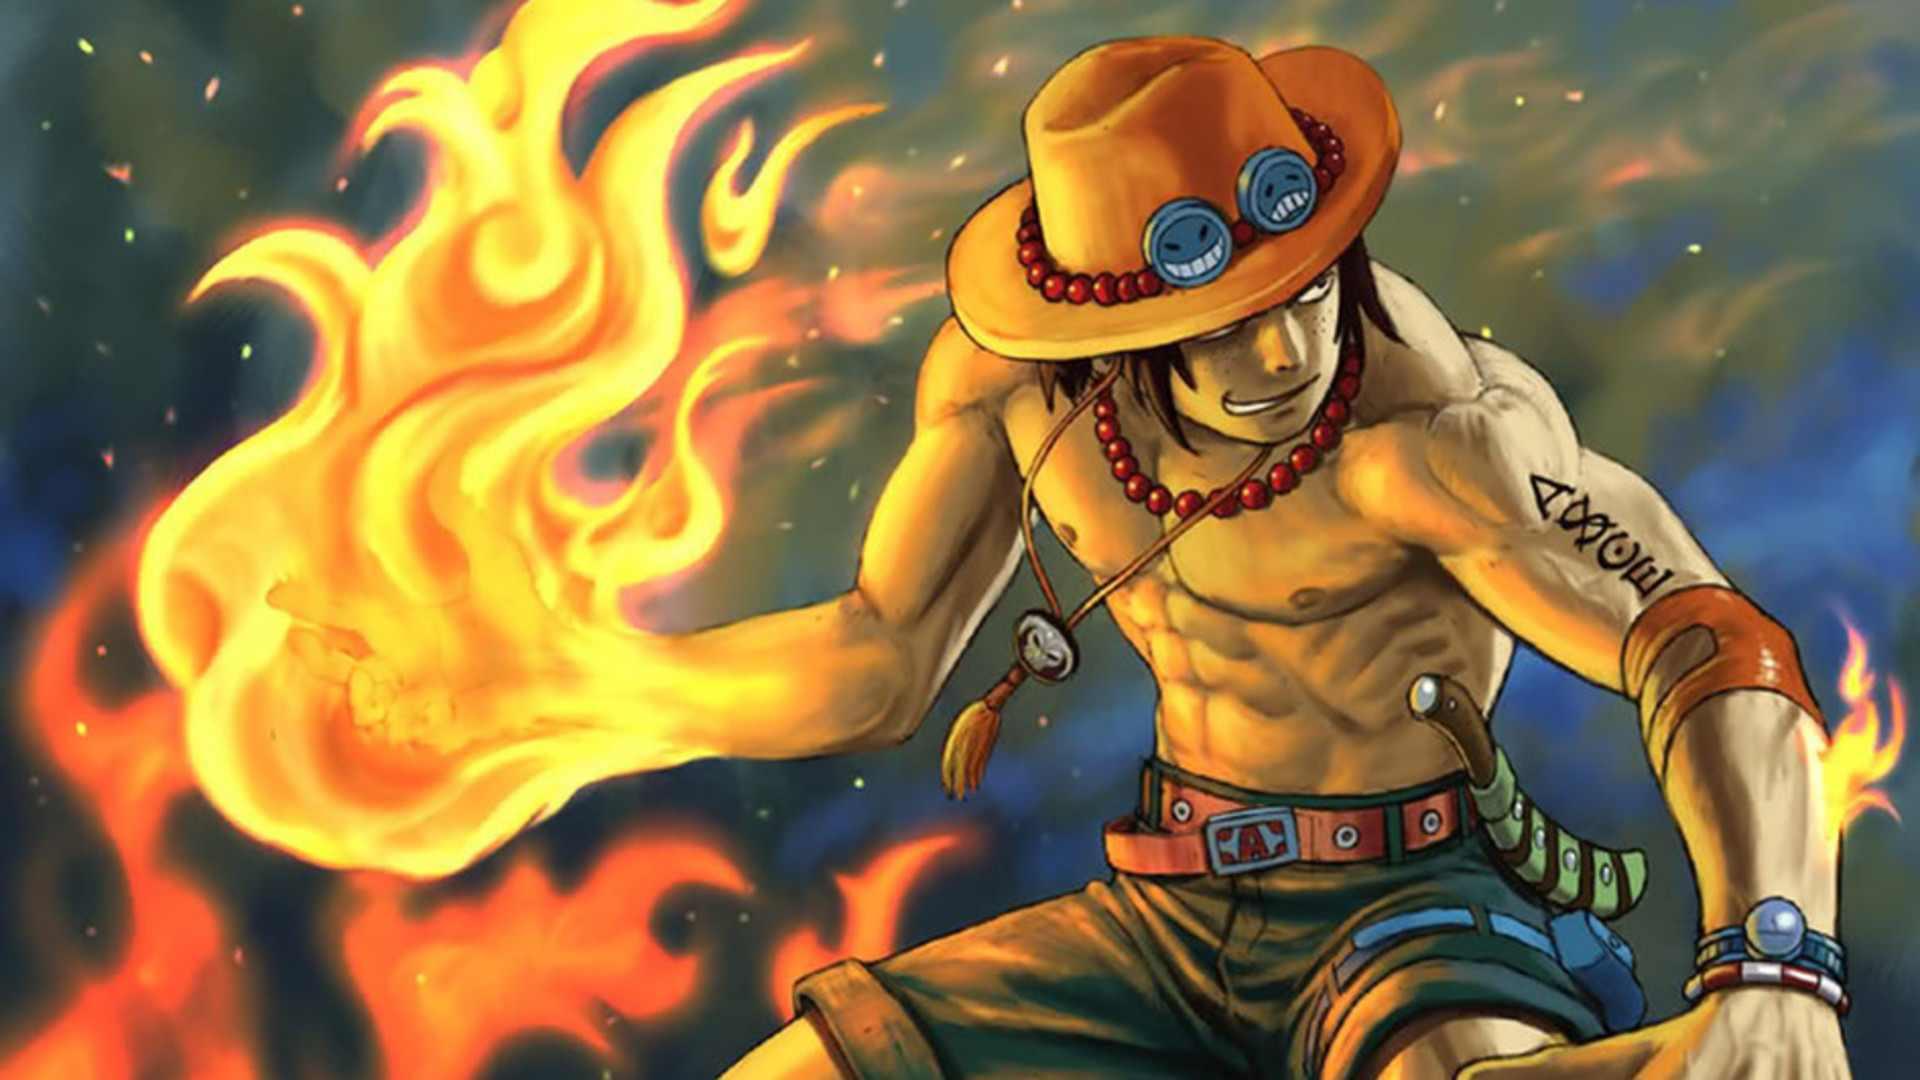 One Piece Wallpaper 1920x1080 One Piece Ace 1920x1080